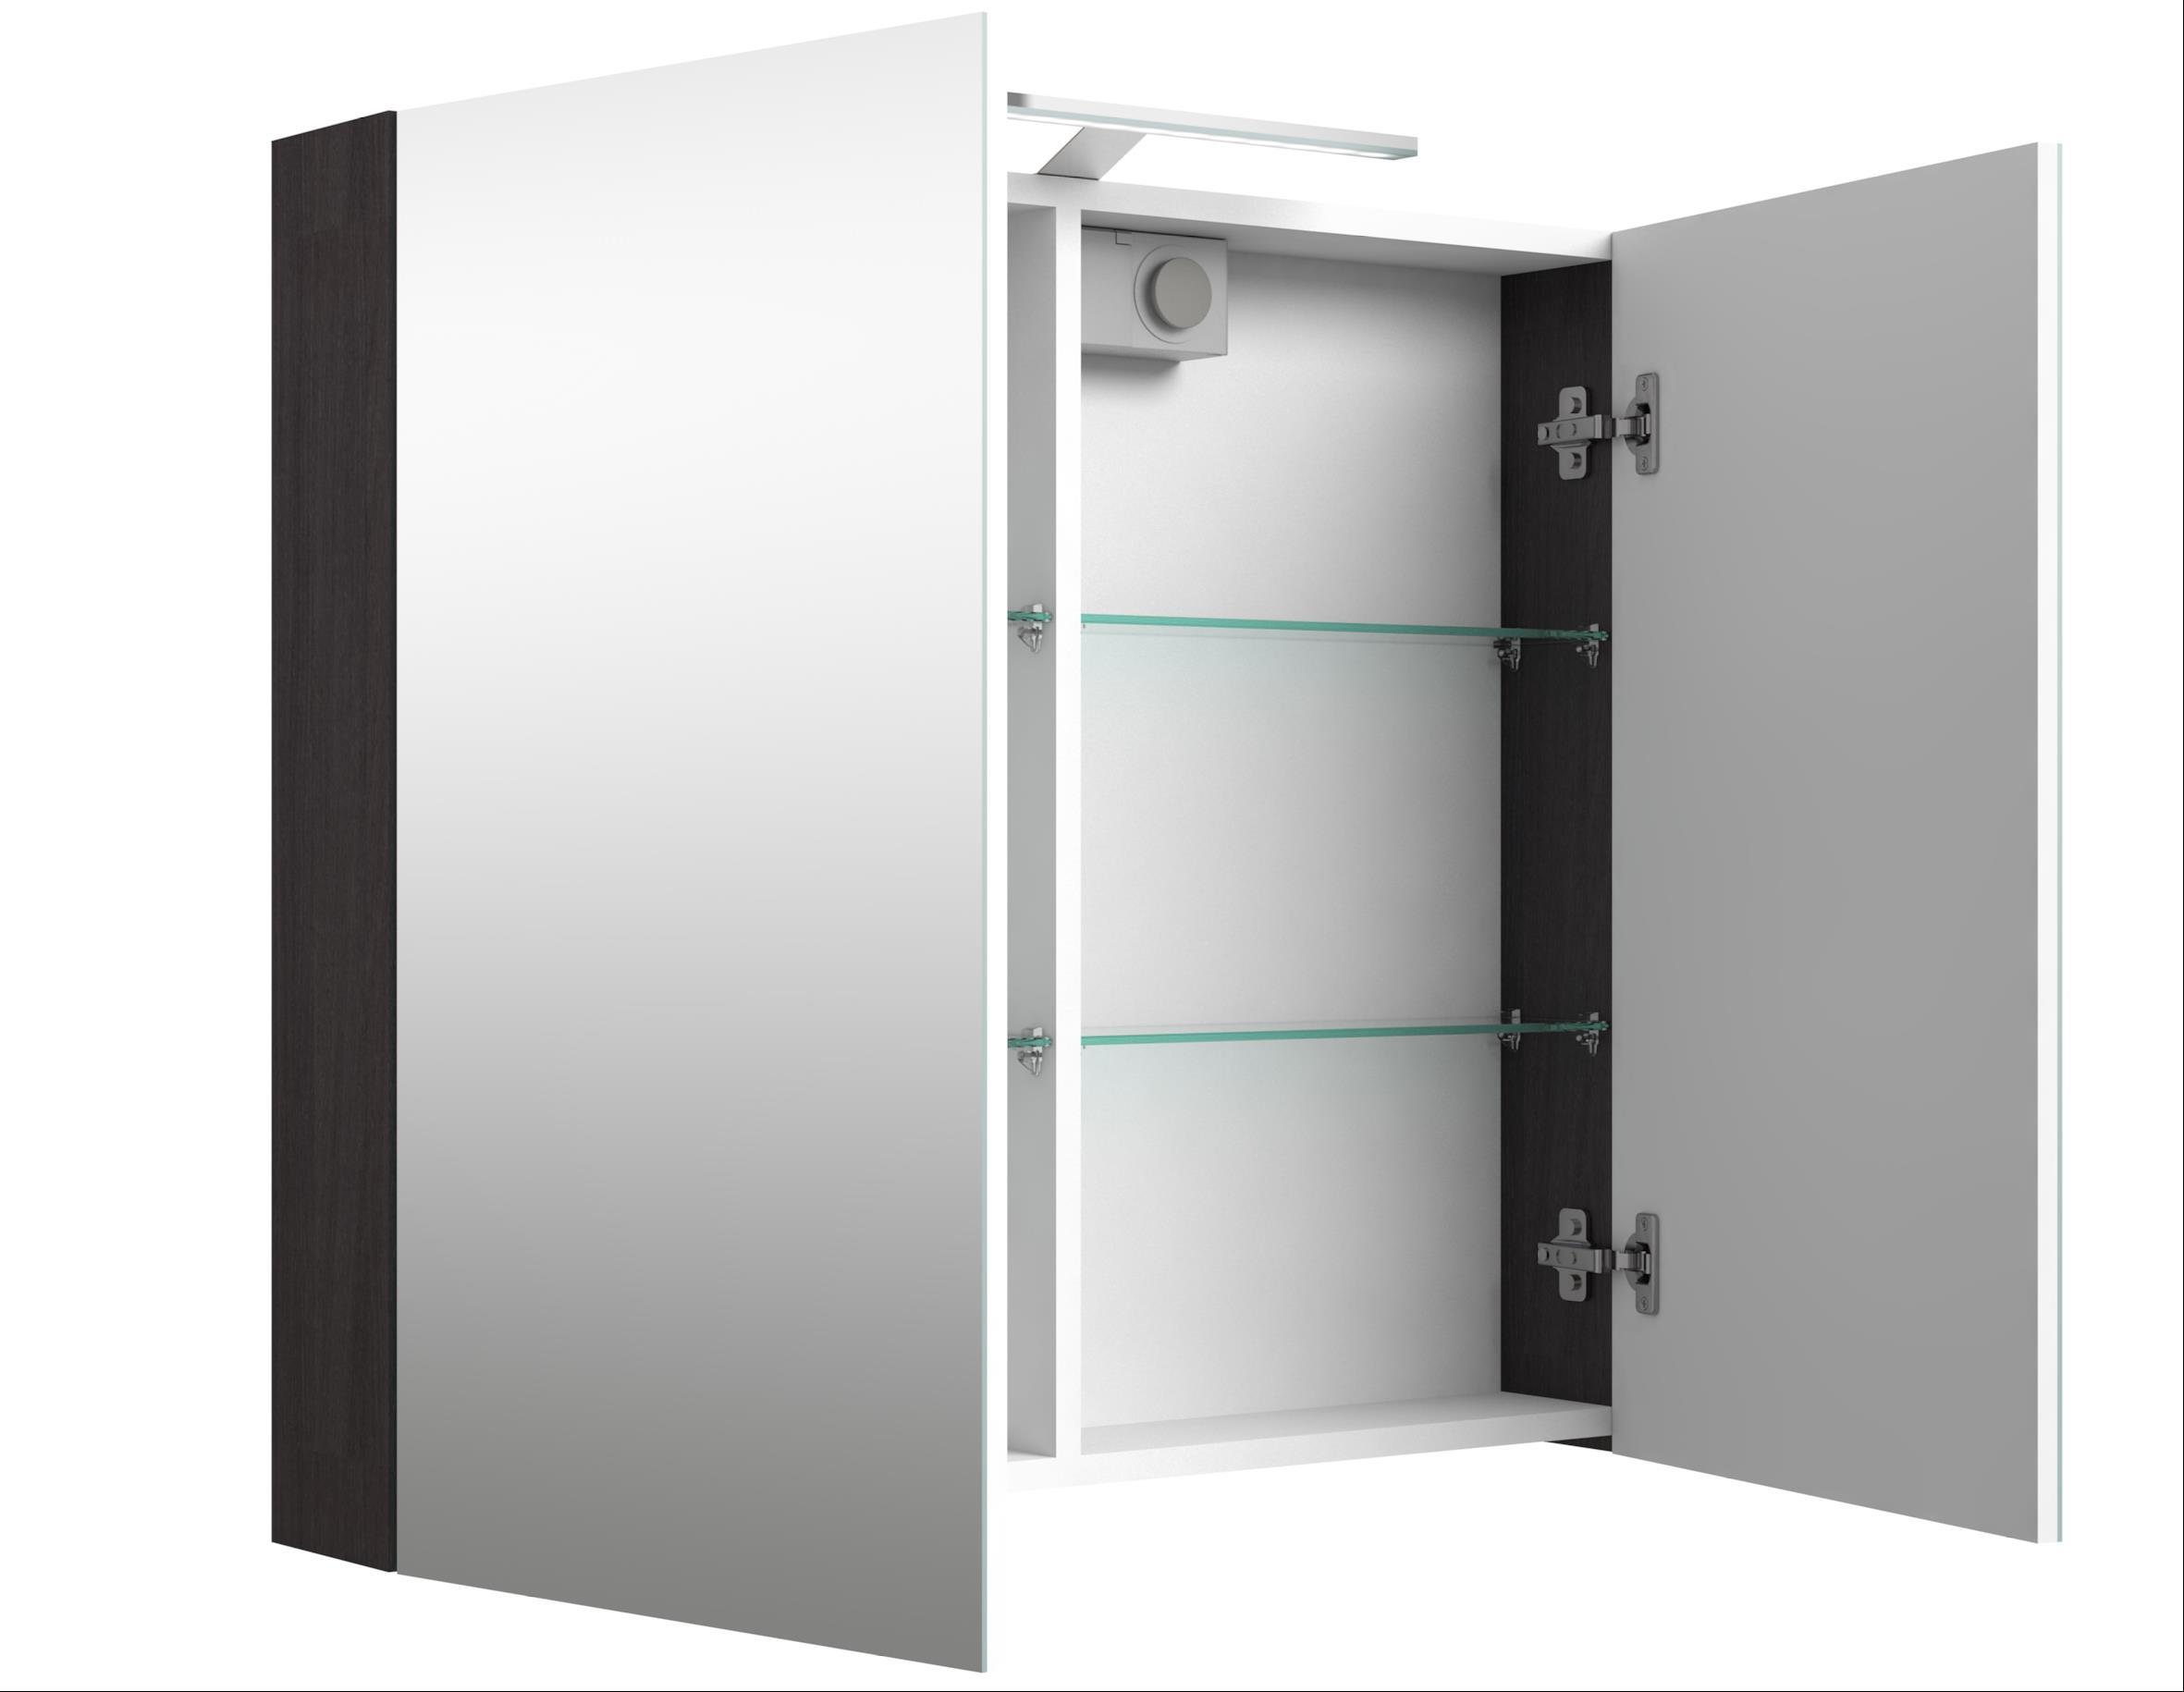 Bad LED Spiegelschrank Scandic 80 Eiche schwarz Bild 1